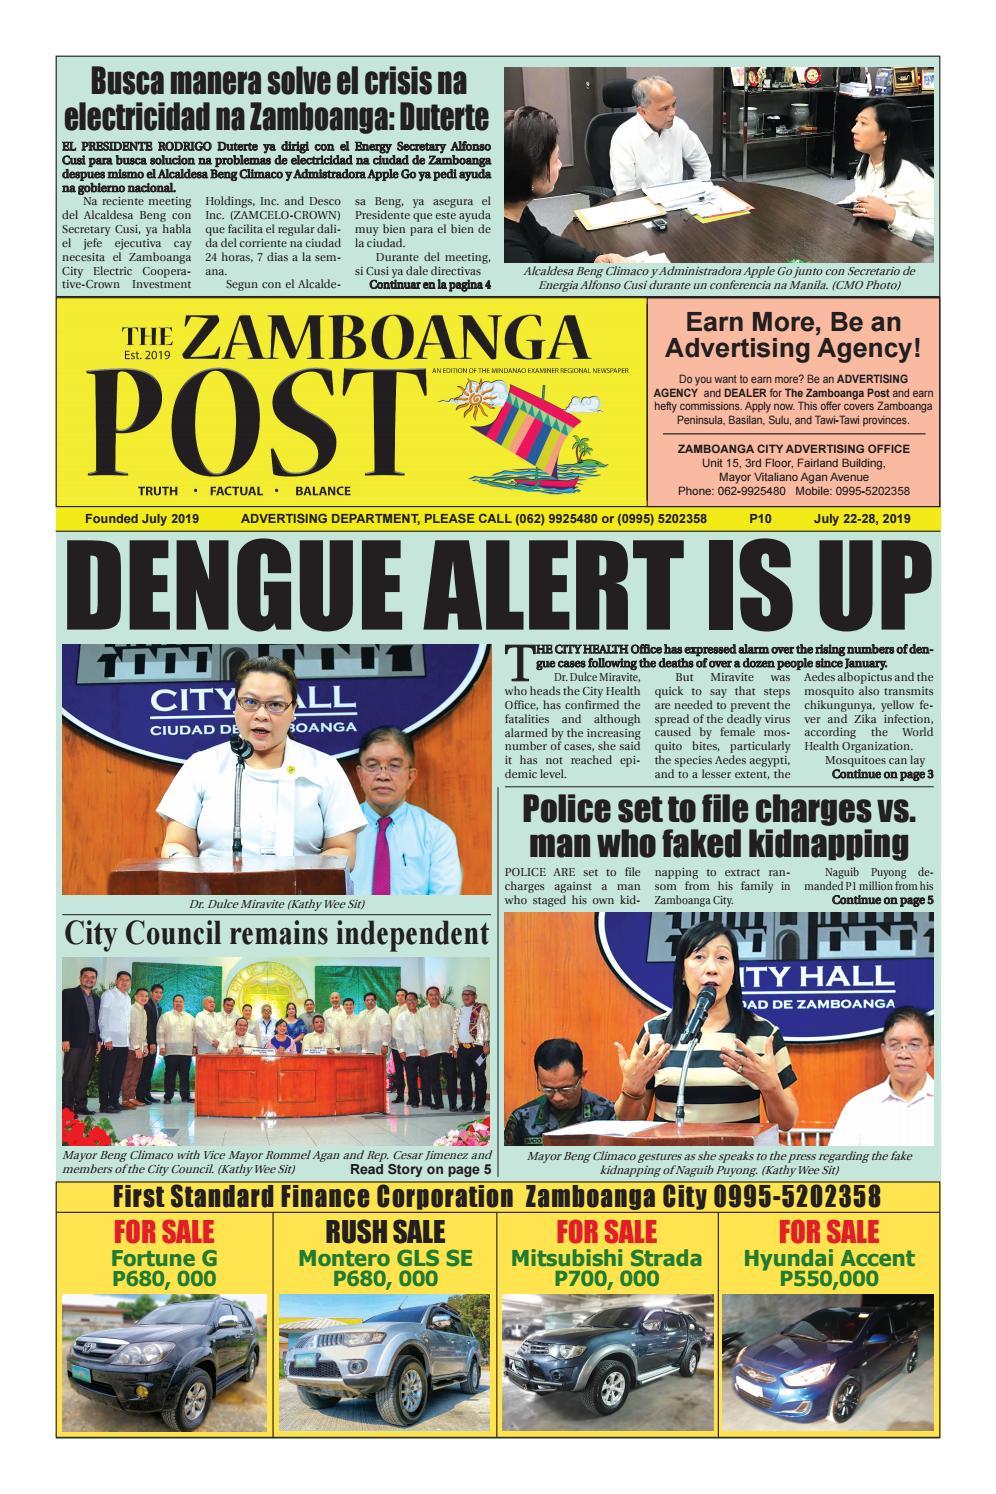 The Zamboanga Post (July 22-28, 2019) by Mindanao Examiner